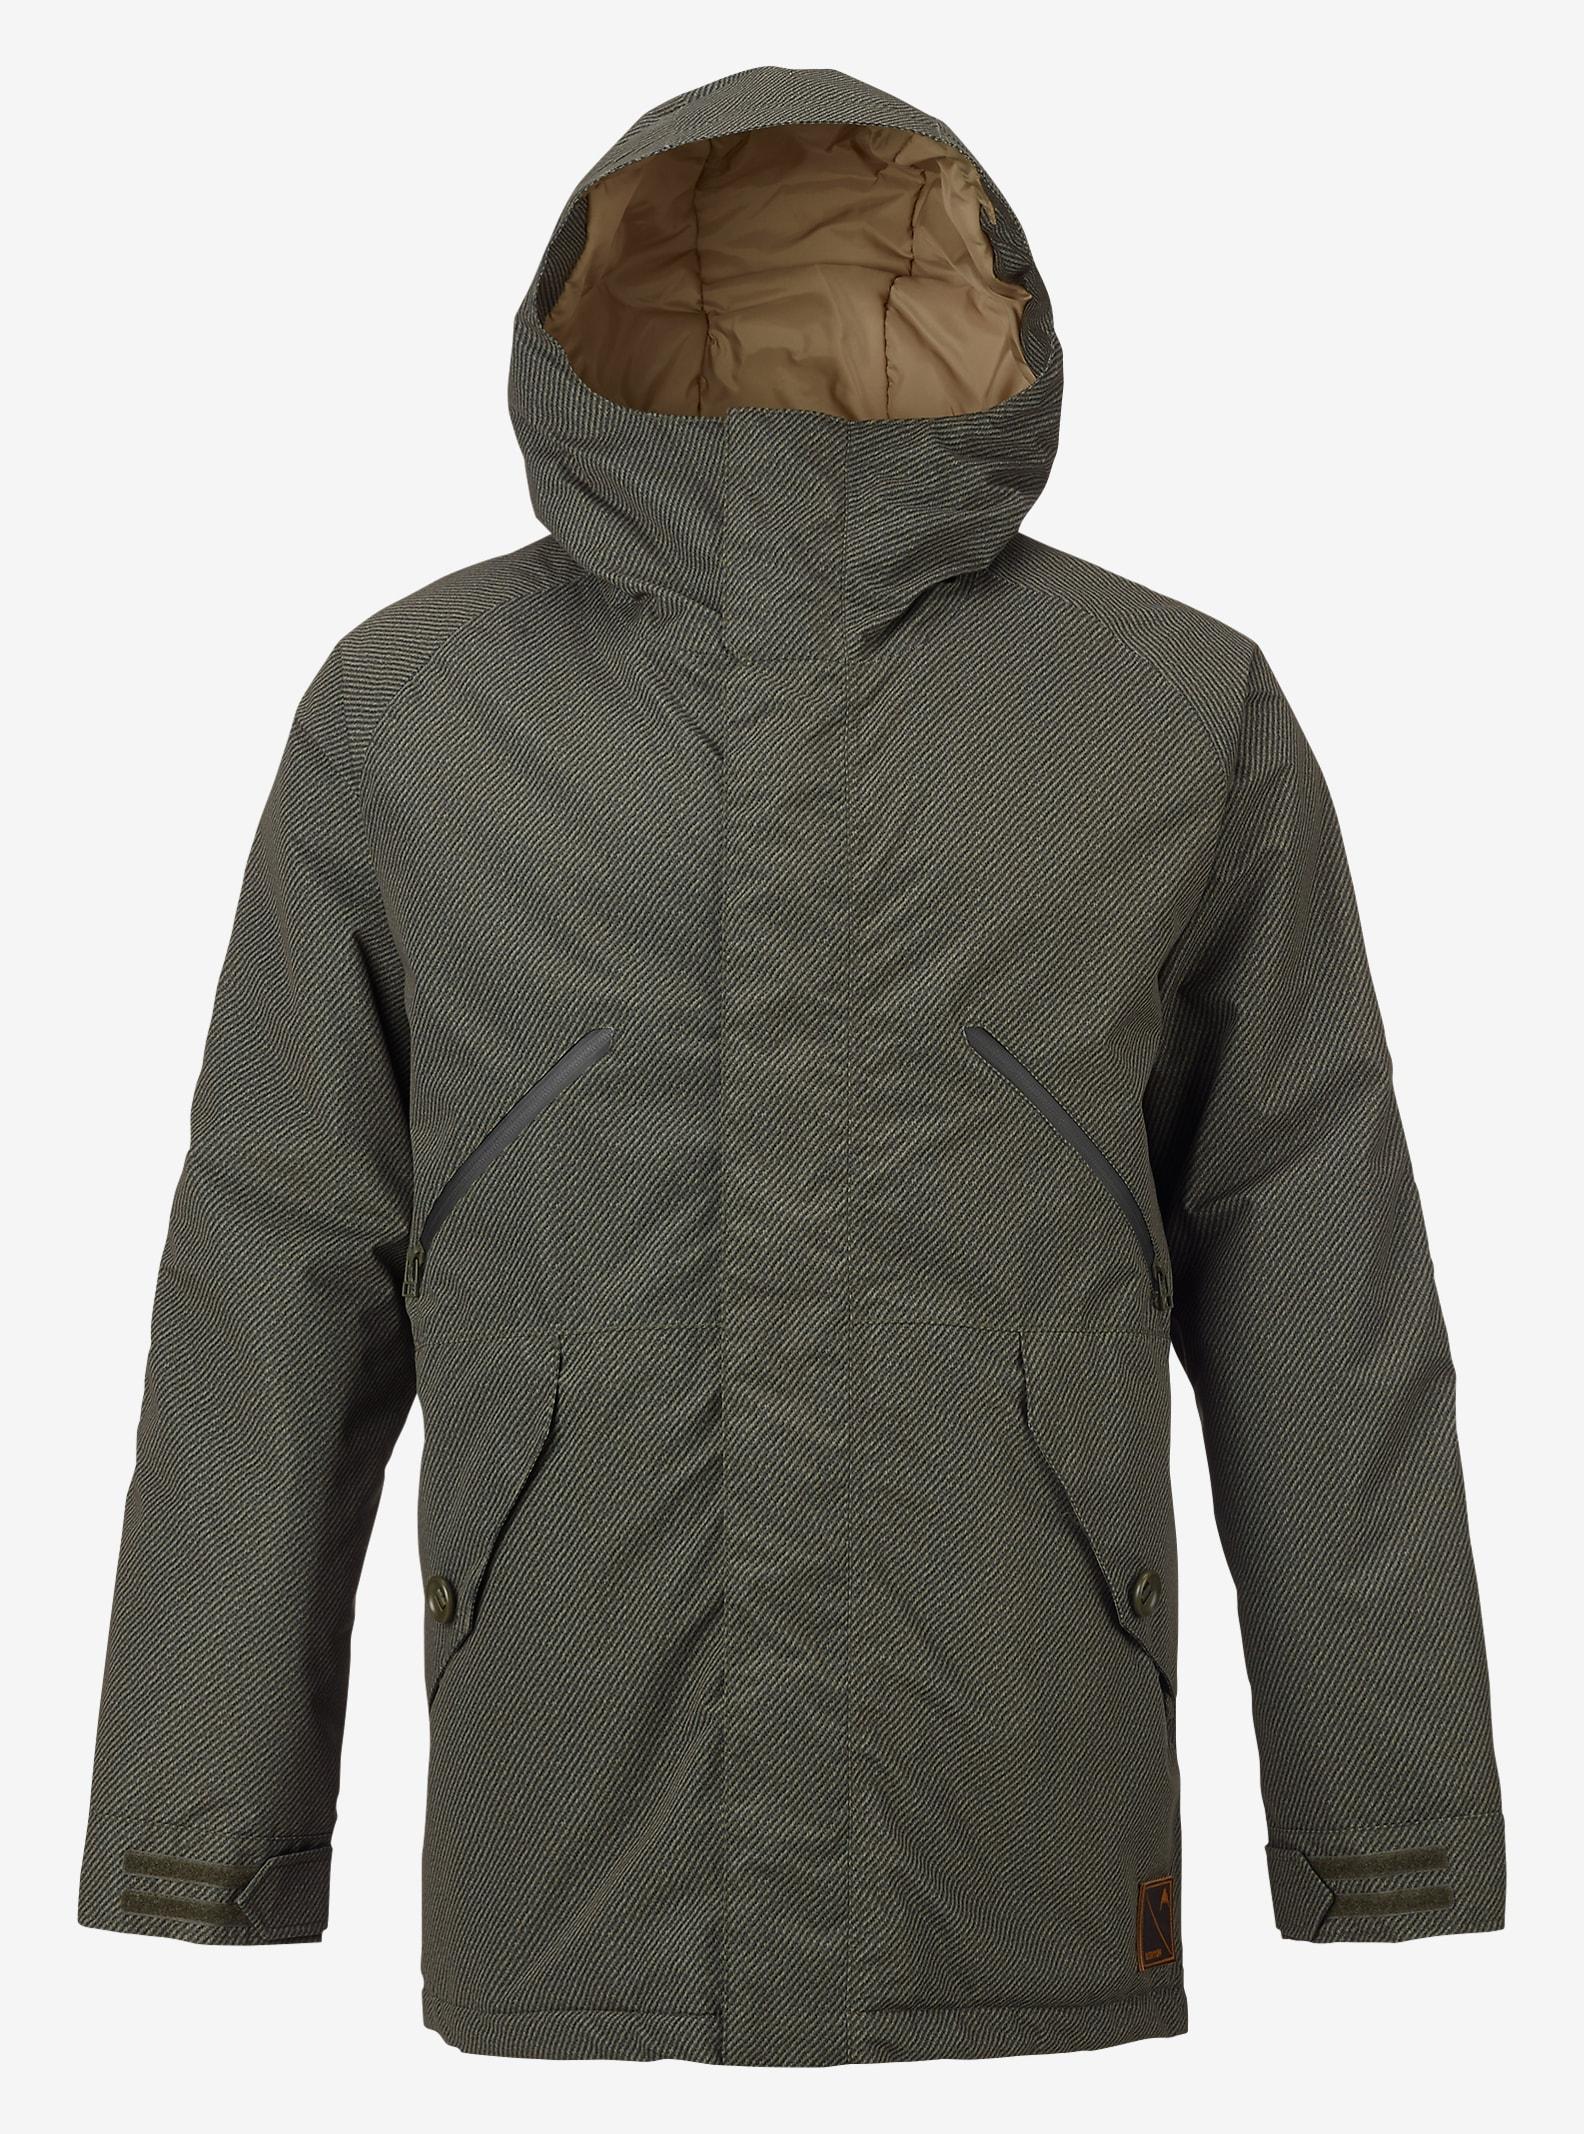 Burton Breach Jacket shown in Undrpass Twill Keef / Kelp